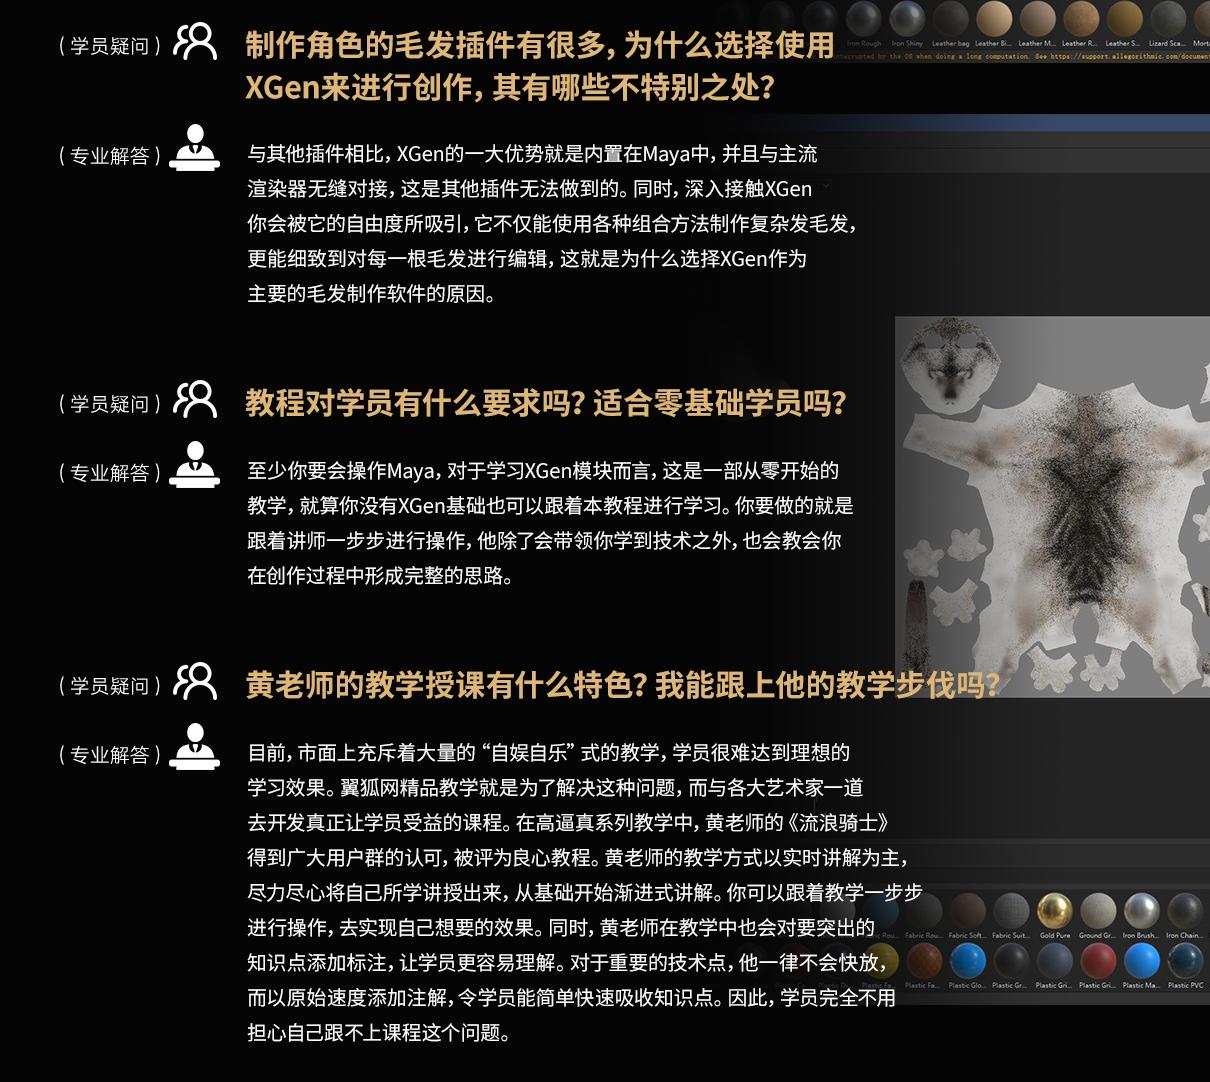 黄惠峰XGEN毛发世界PC_18.jpg